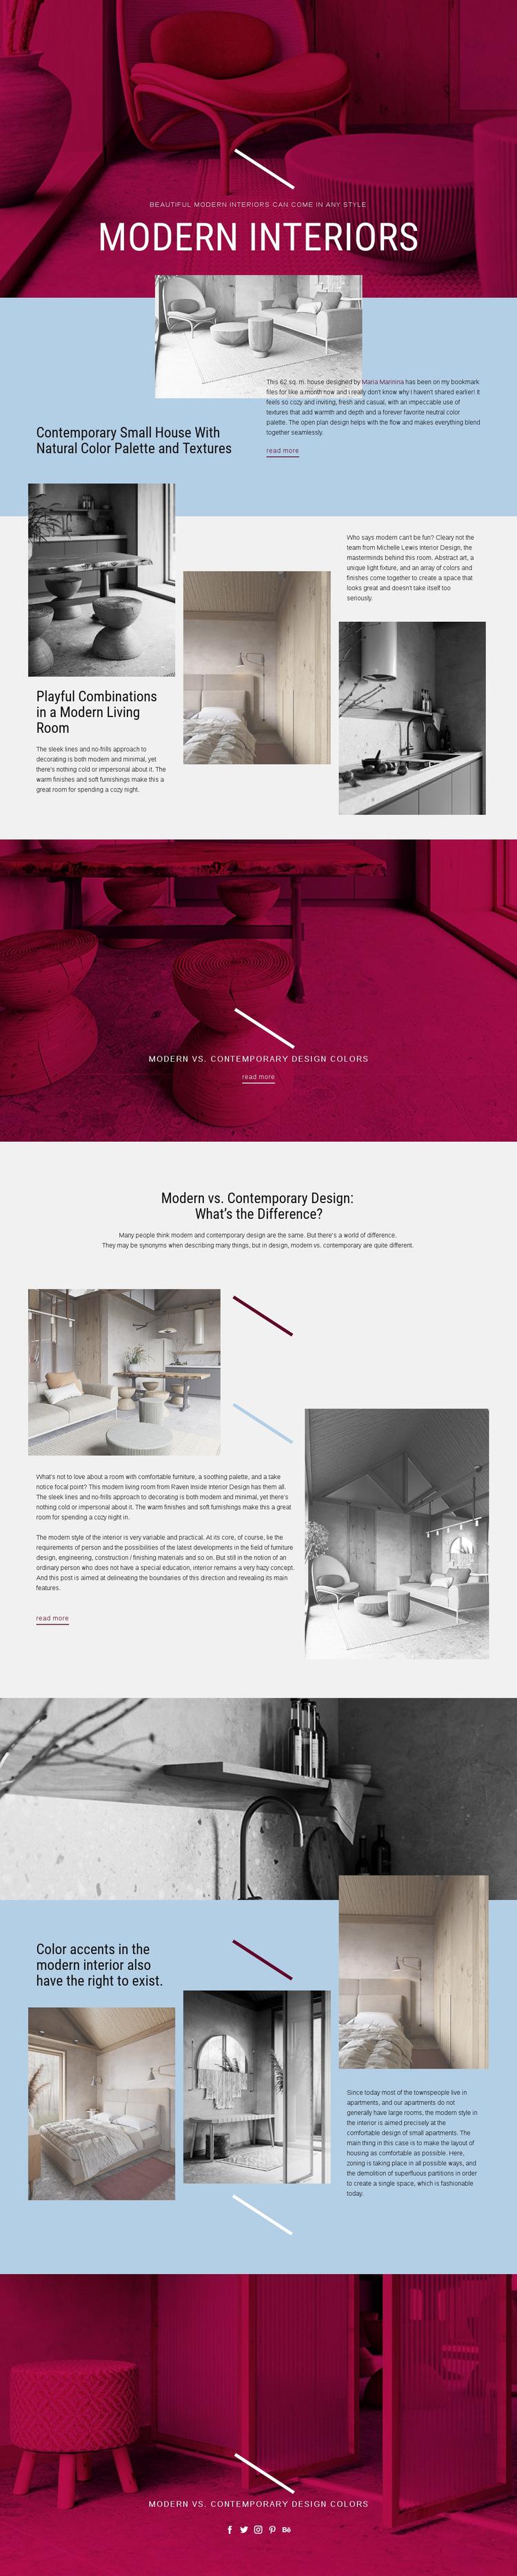 Modern Interiors HTML5 Template